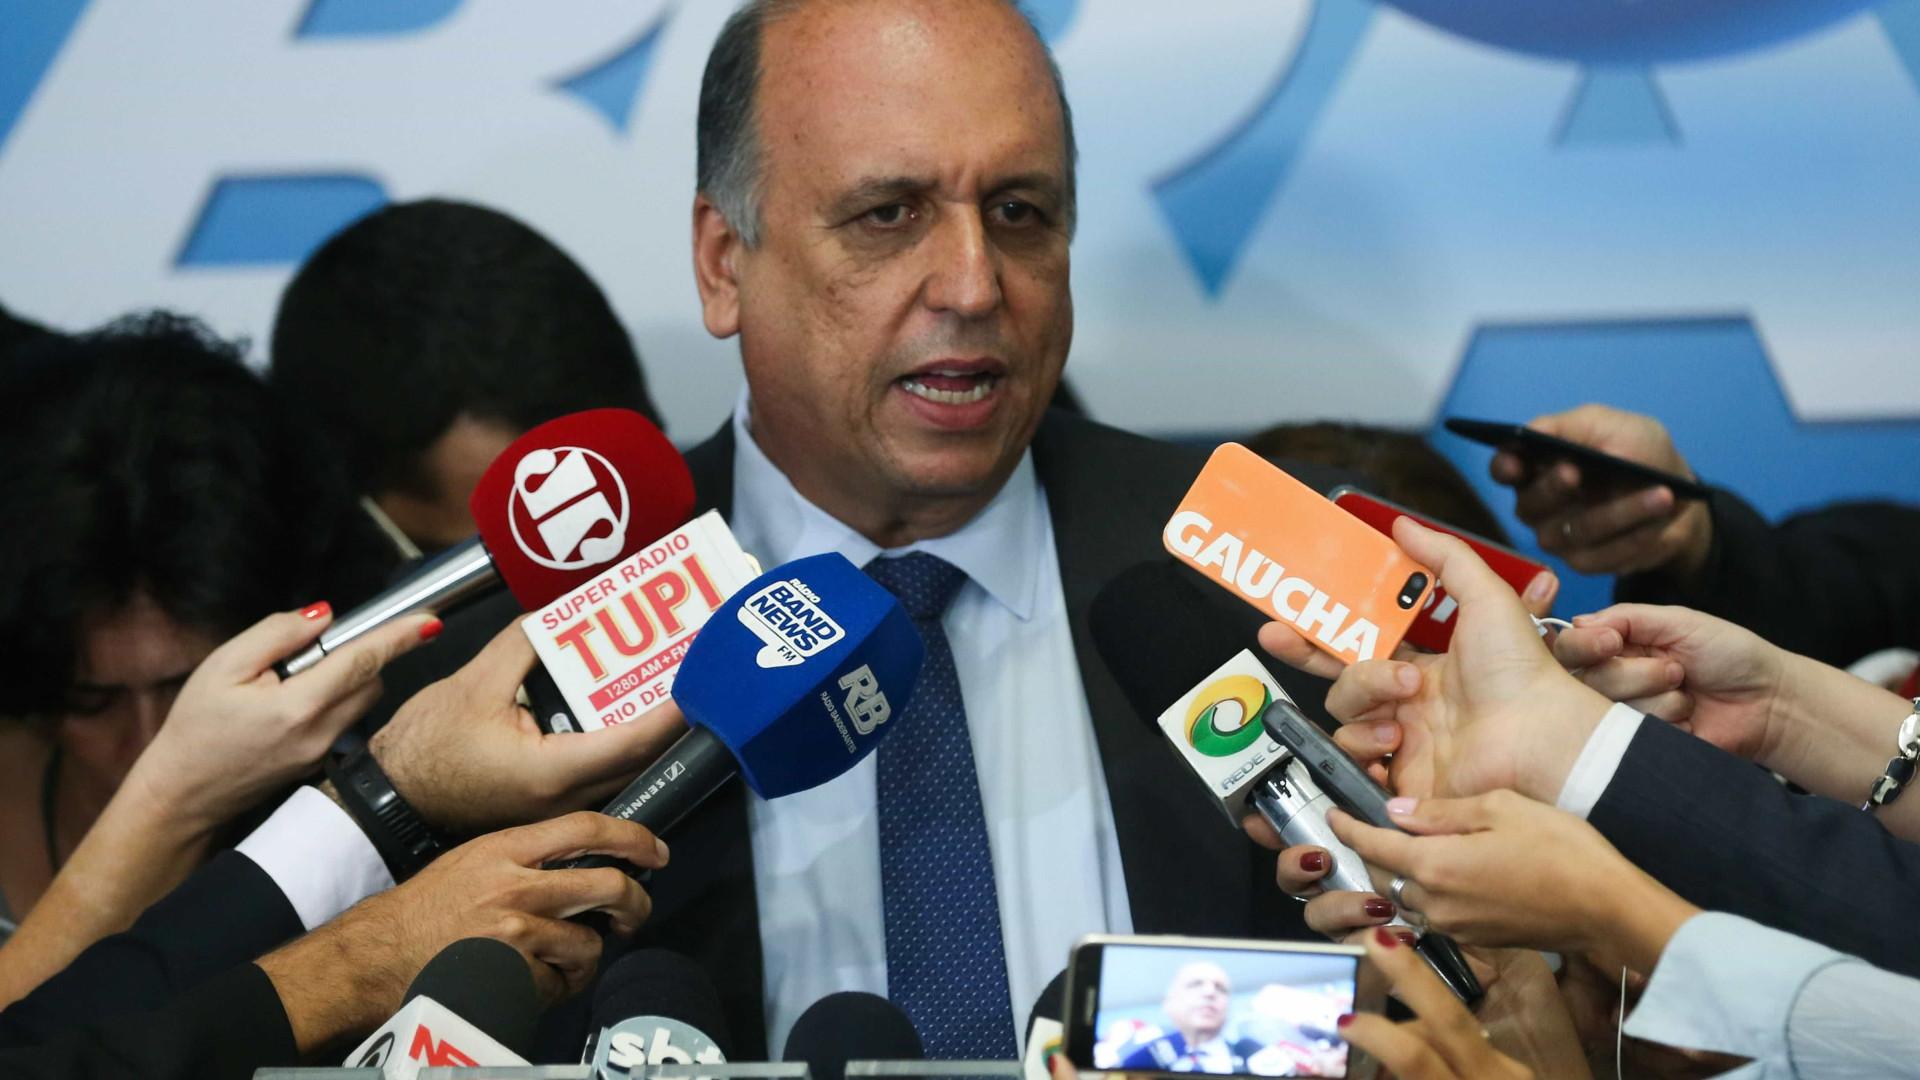 Delator diz ter pago mesada de R$ 150 mil a Pezão